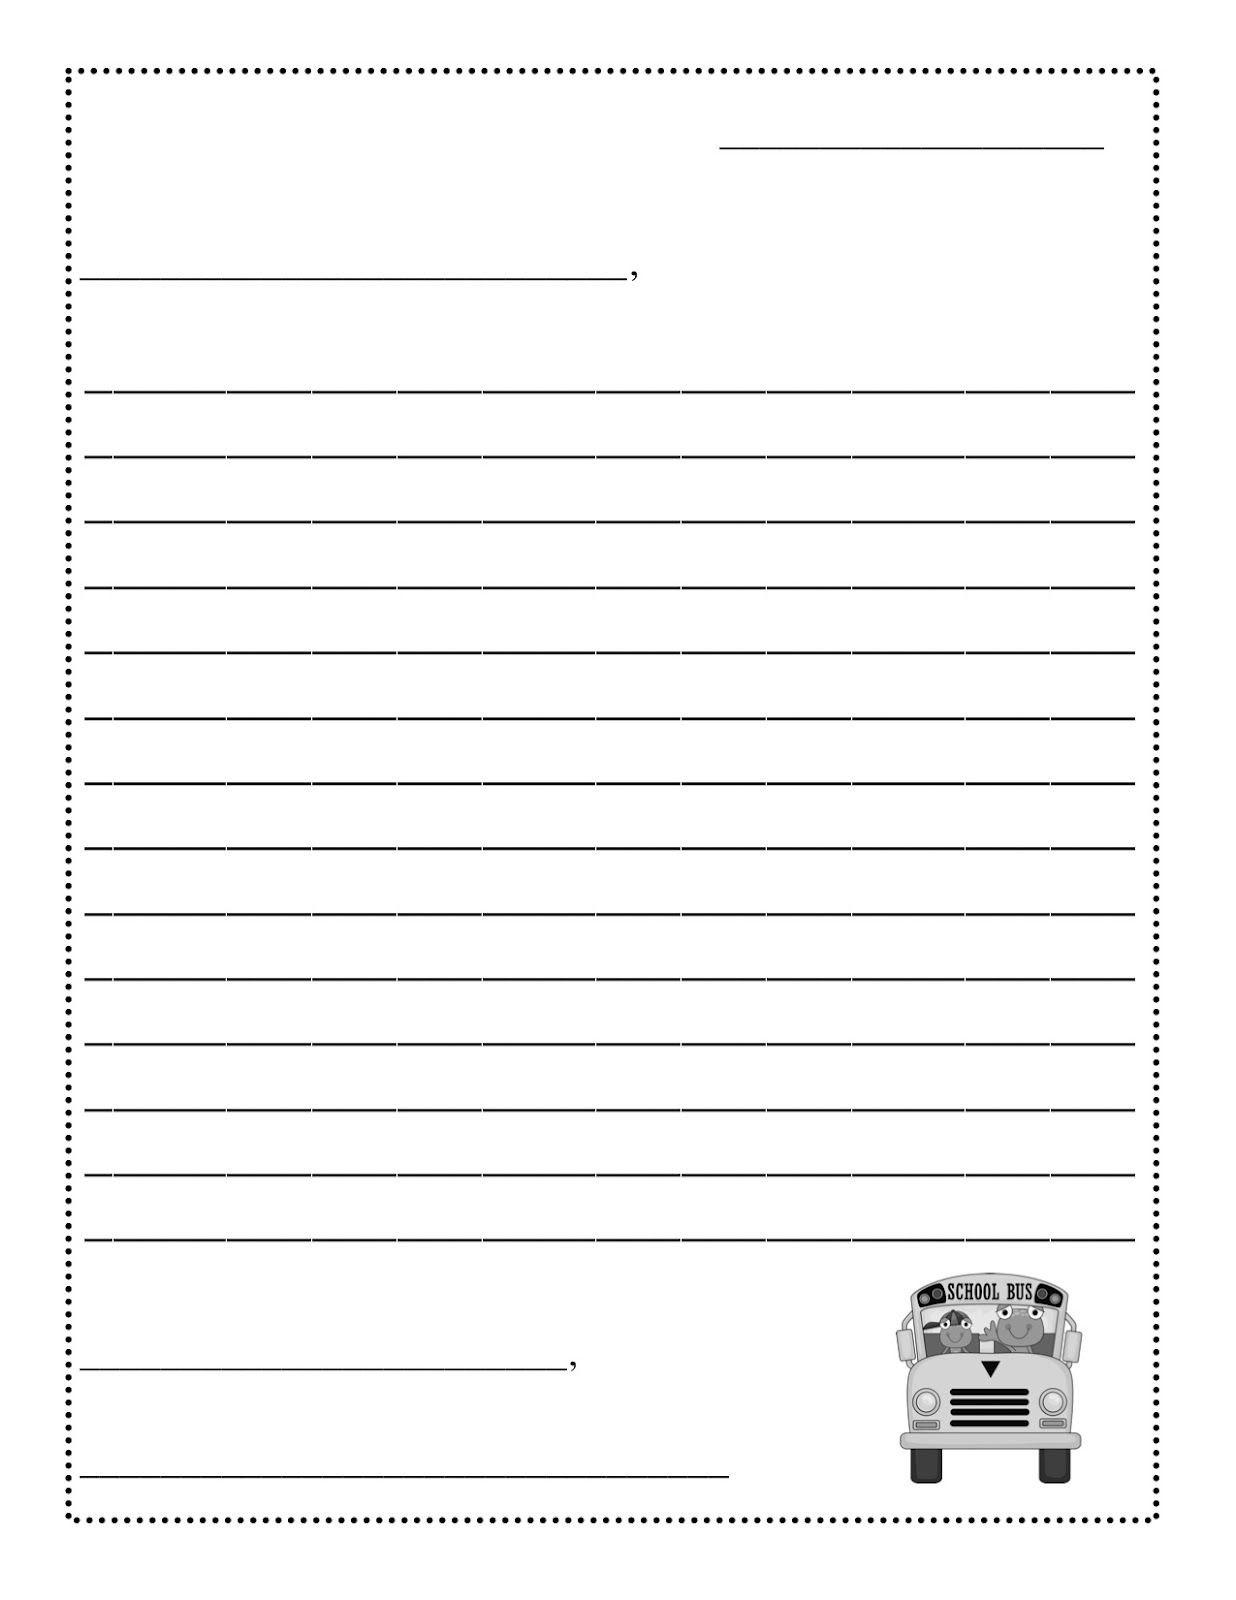 Friendly Letter Templateletter Writing Template Formal Letter Sample Regarding Letter Writing Template For Kids